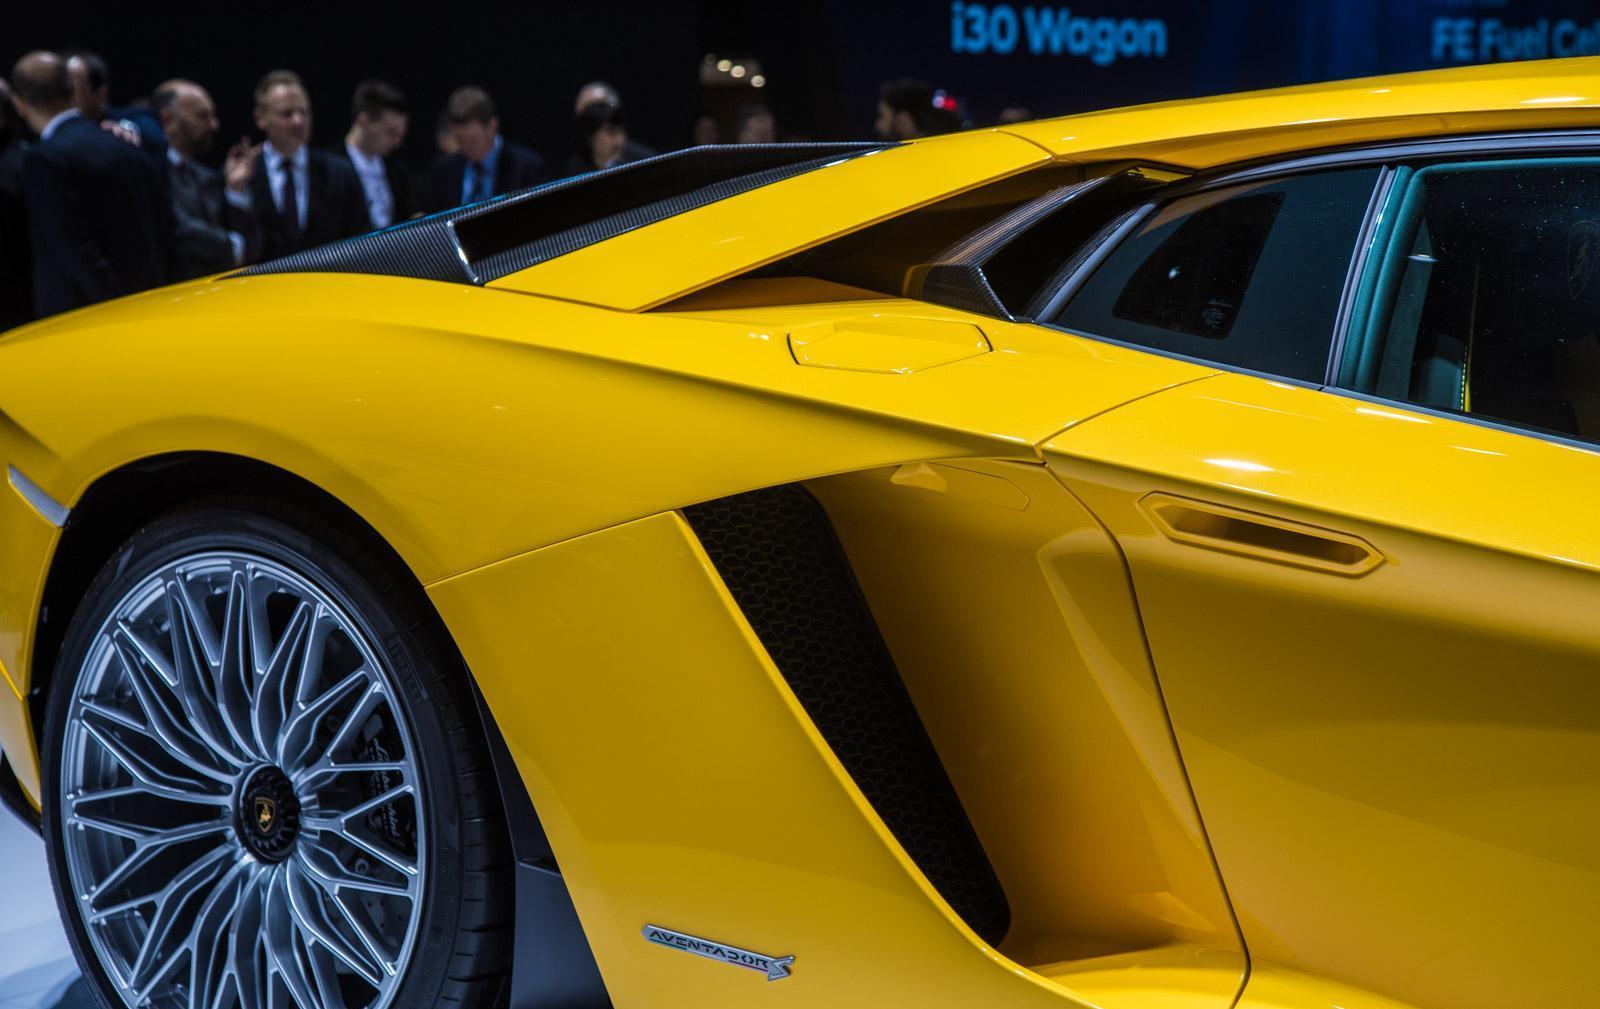 Lamborghini-aventador-s-005